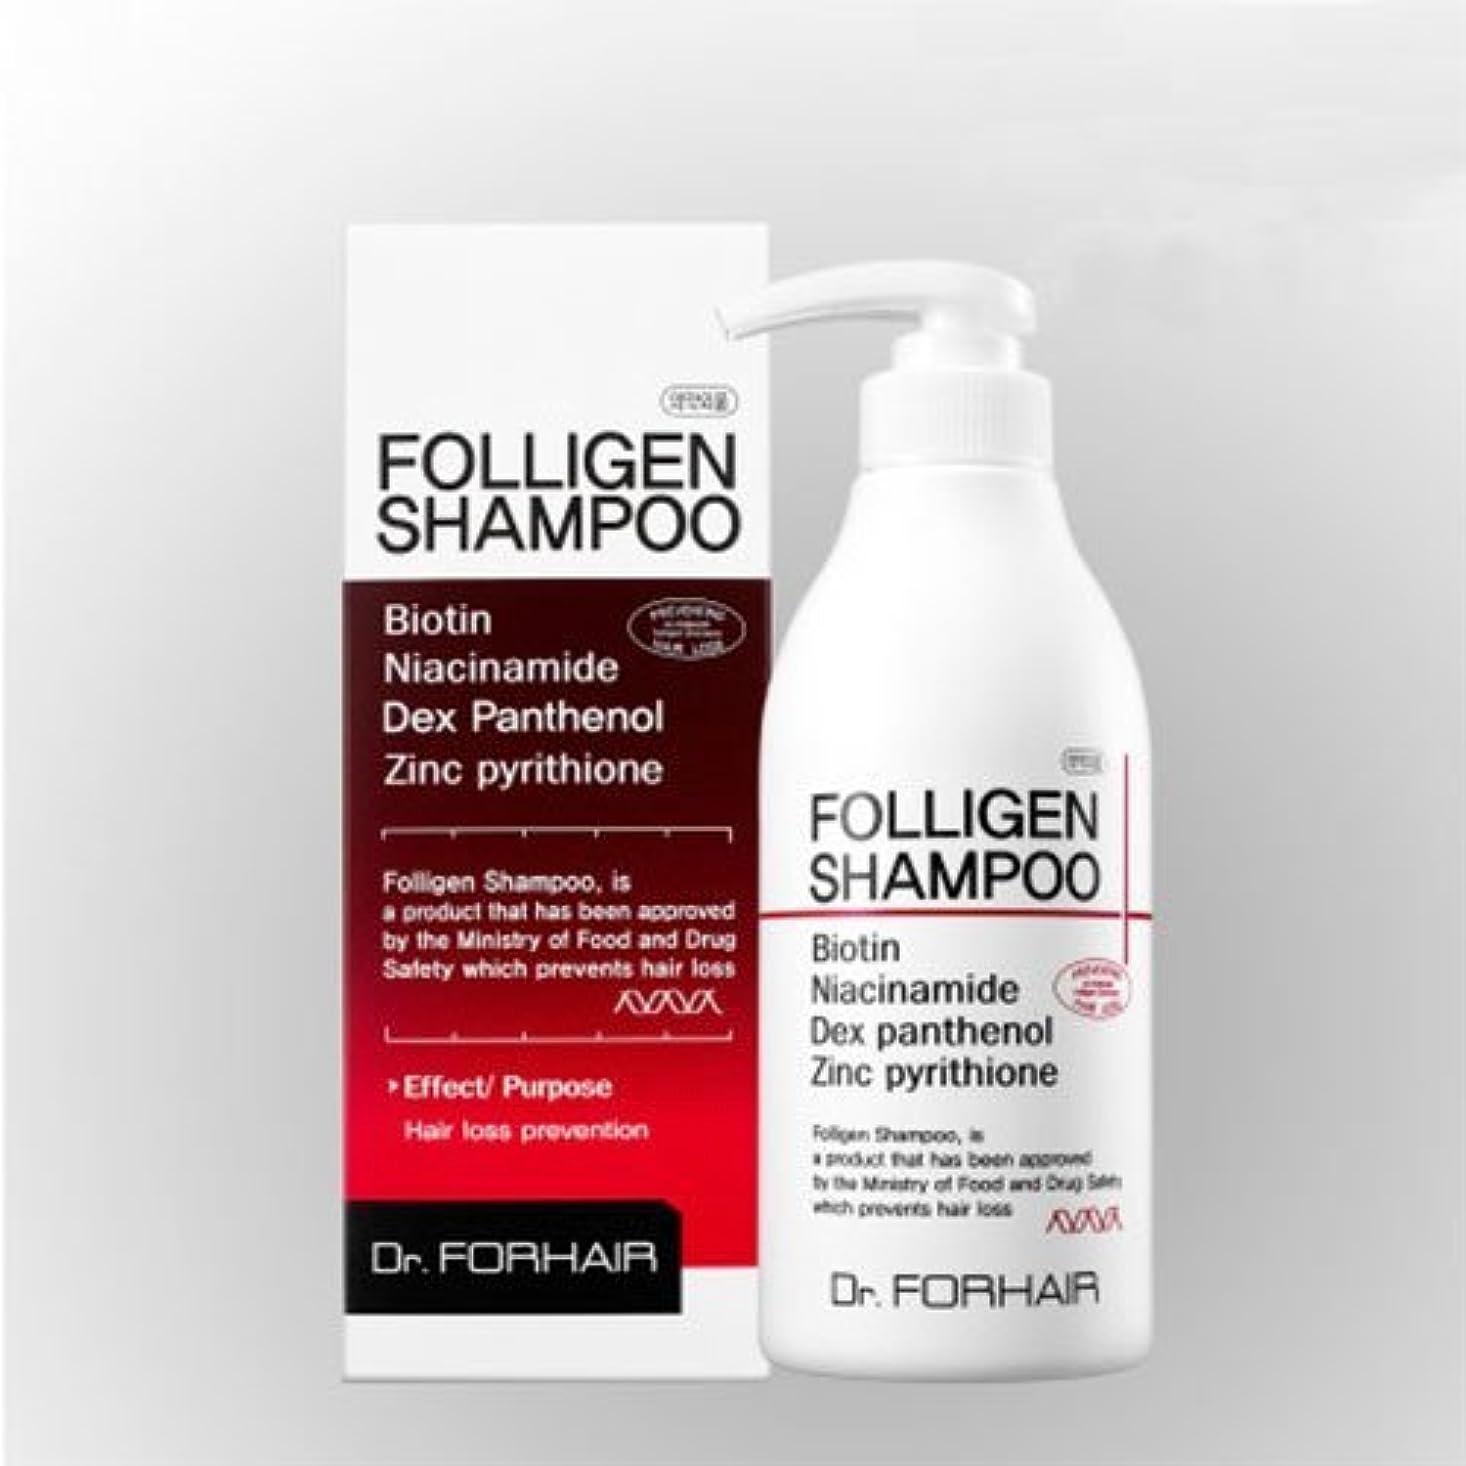 霧深い敏感なファイナンスダクト?フォーヘア ポルリジェン シャンプー500ml 脱毛防止シャンプー[並行輸入品] / Dr. Forhair Folligen Shampoo 500ml (16.9 fl.oz.) for Hair Loss...